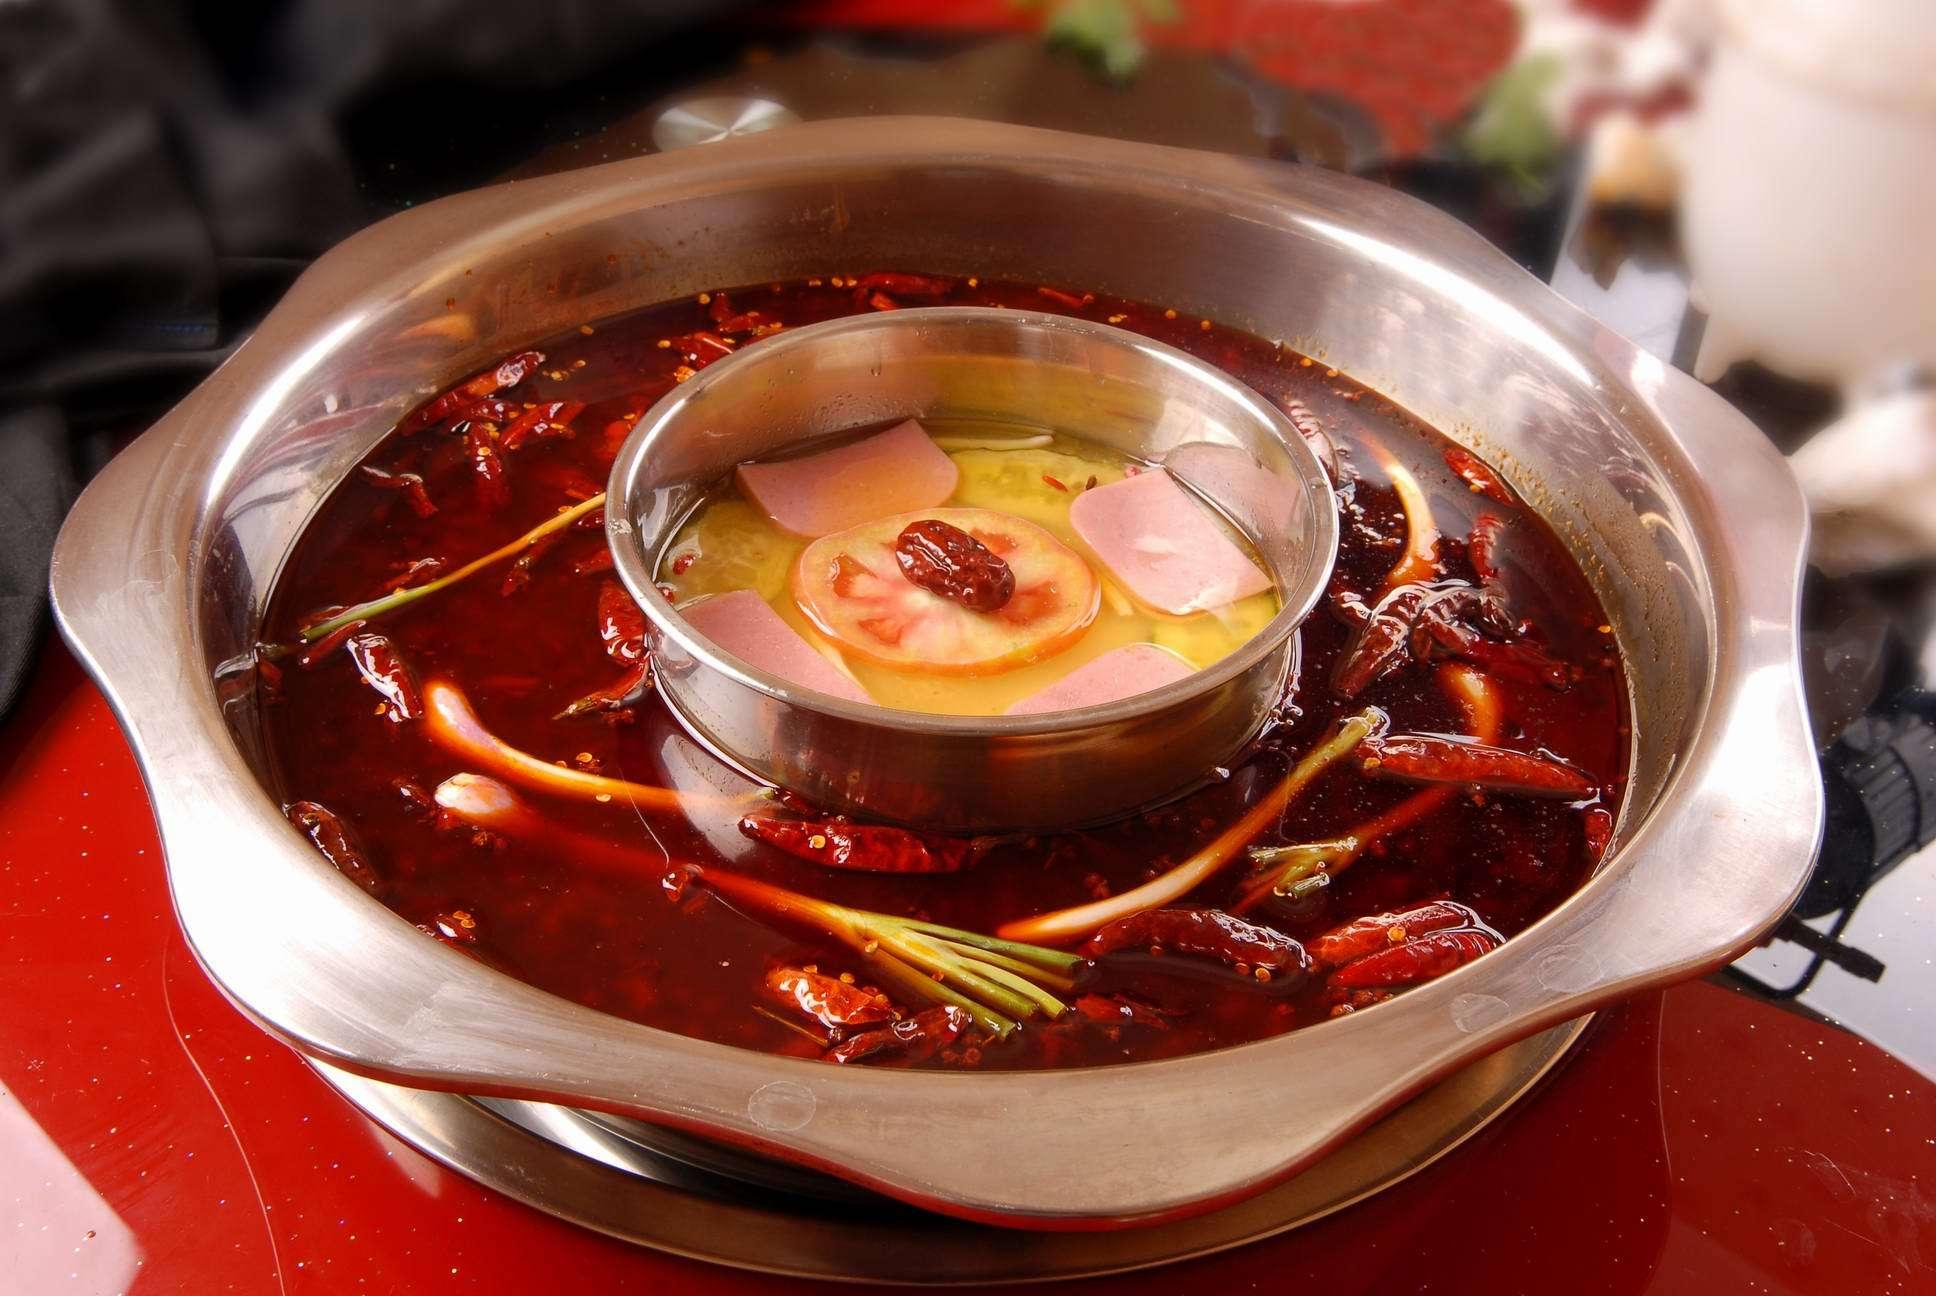 冬季在家如何才能吃到正宗的自制火锅 还能吃出高逼格来